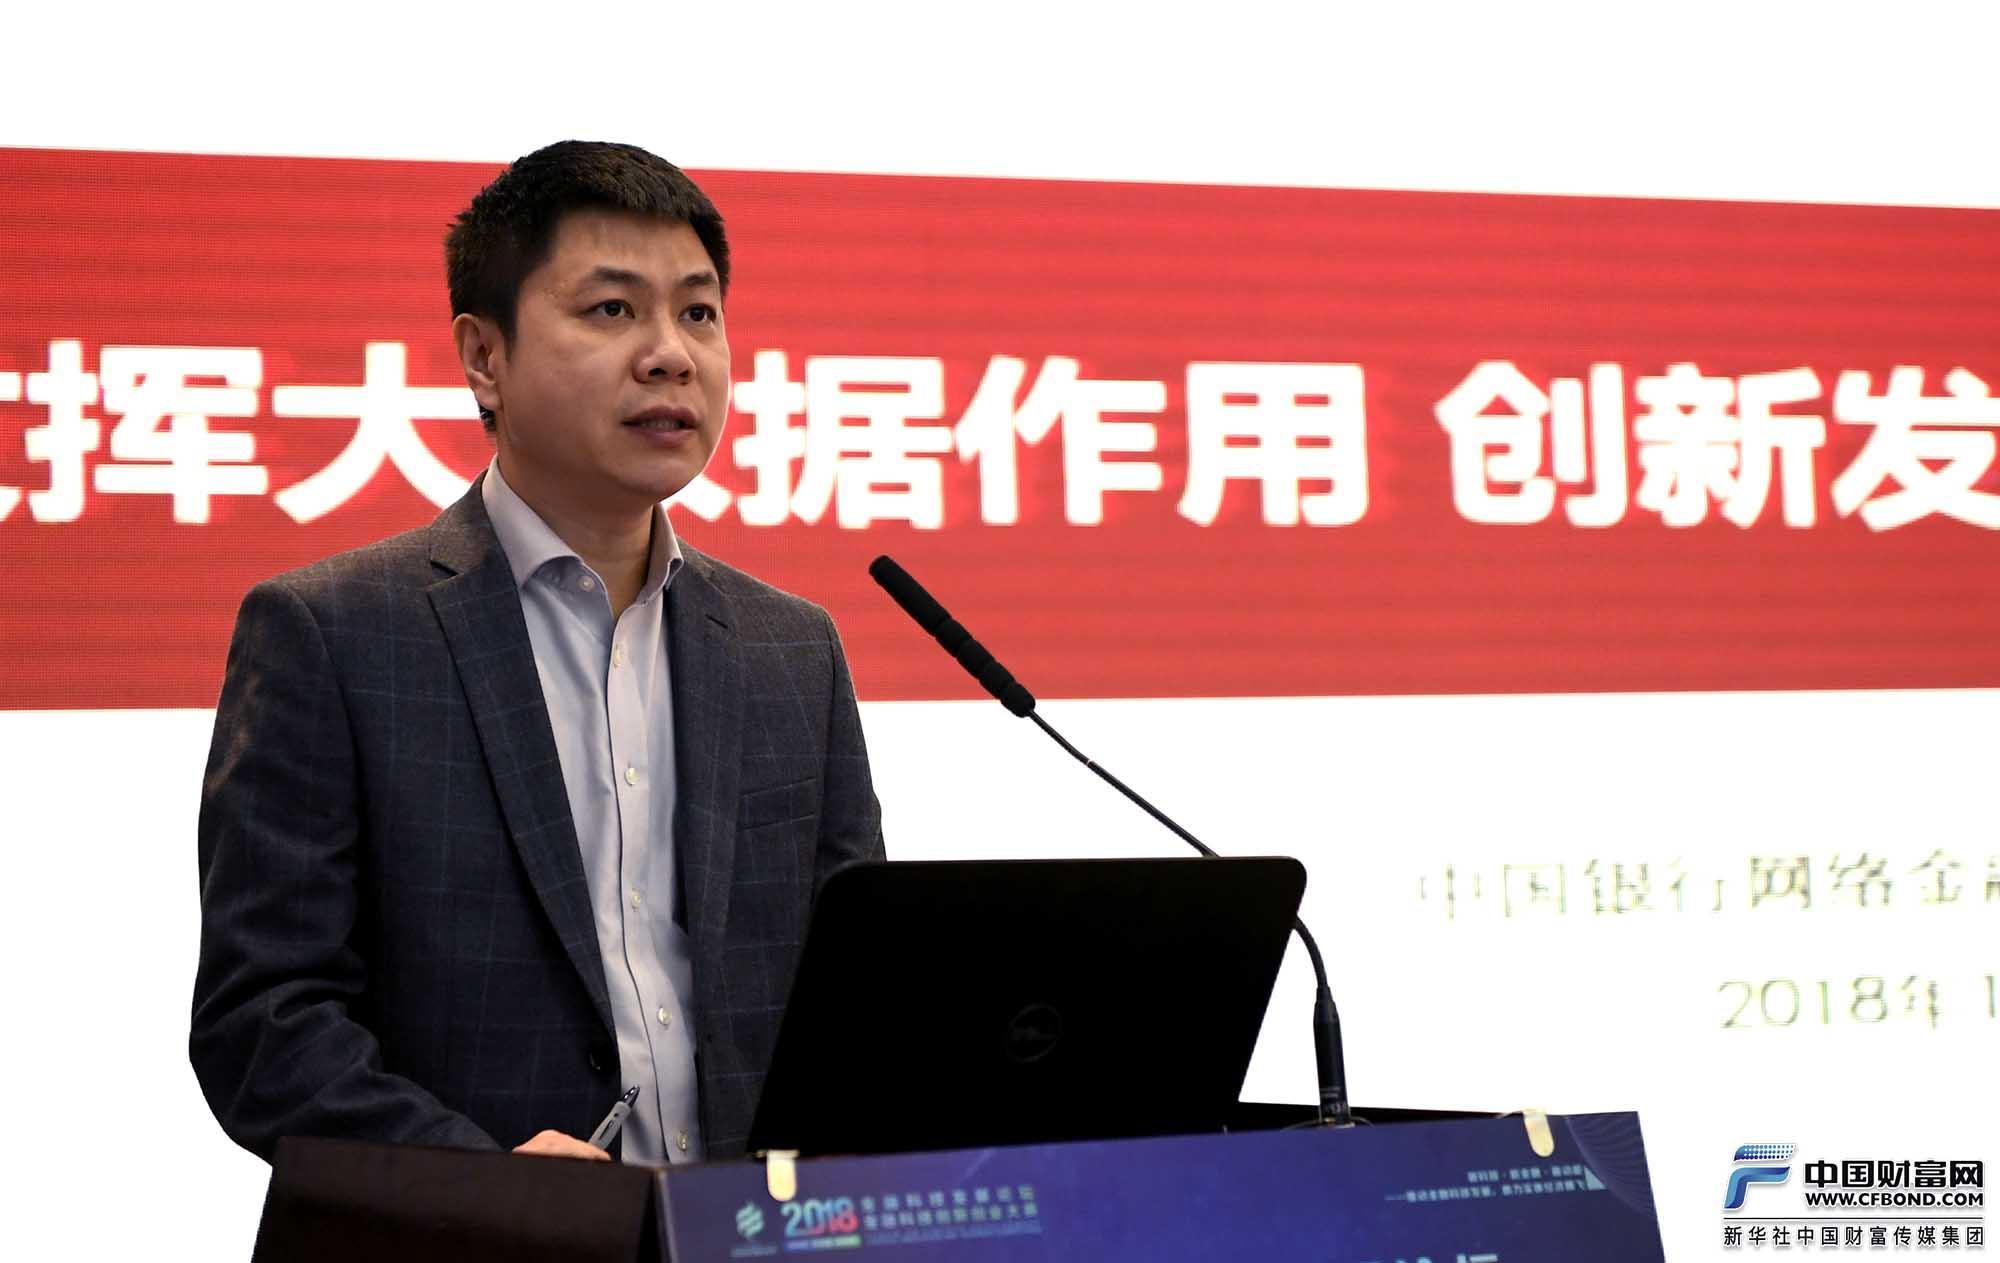 中国银行网络金融部副总经理曹汉平发言